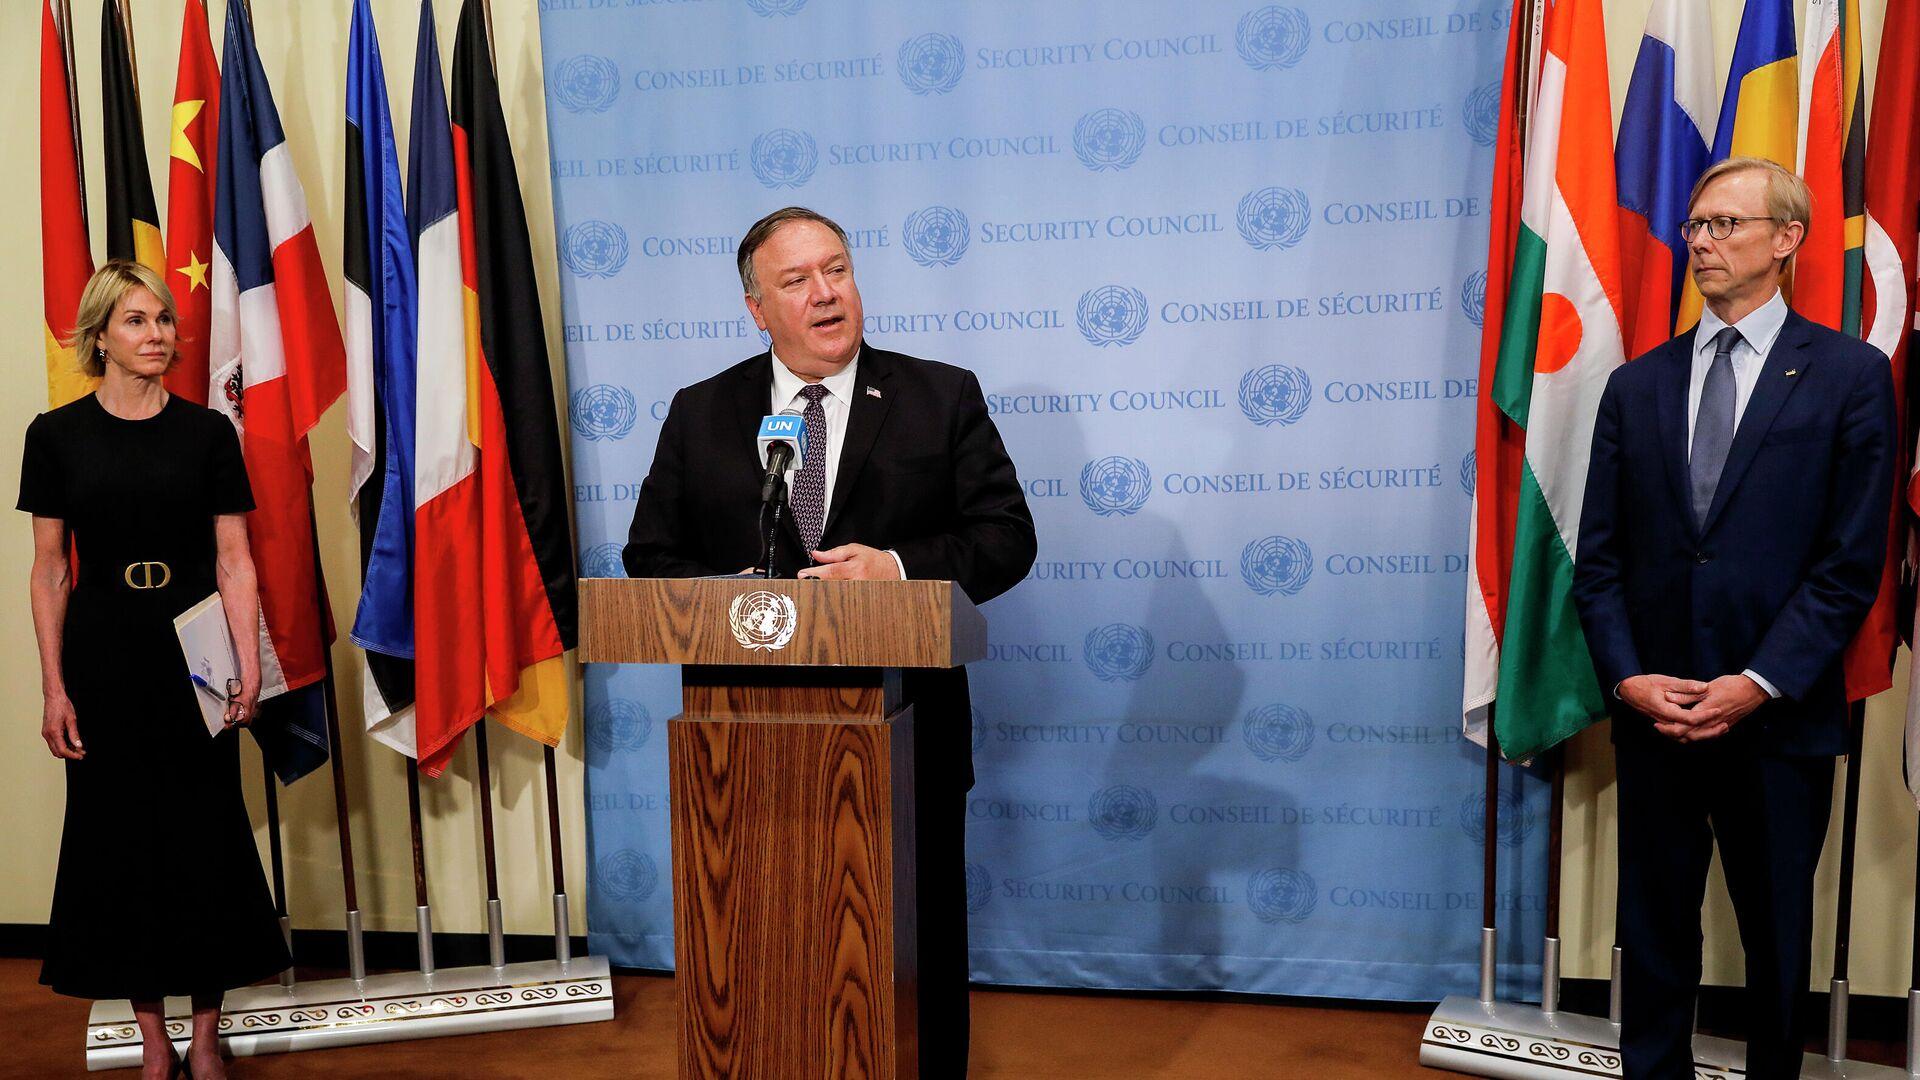 Госсекретарь США Майк Помпео на пресс-конференции после встречи с членами Совета Безопасности ООН. 20 августа 2020 - РИА Новости, 1920, 22.09.2020